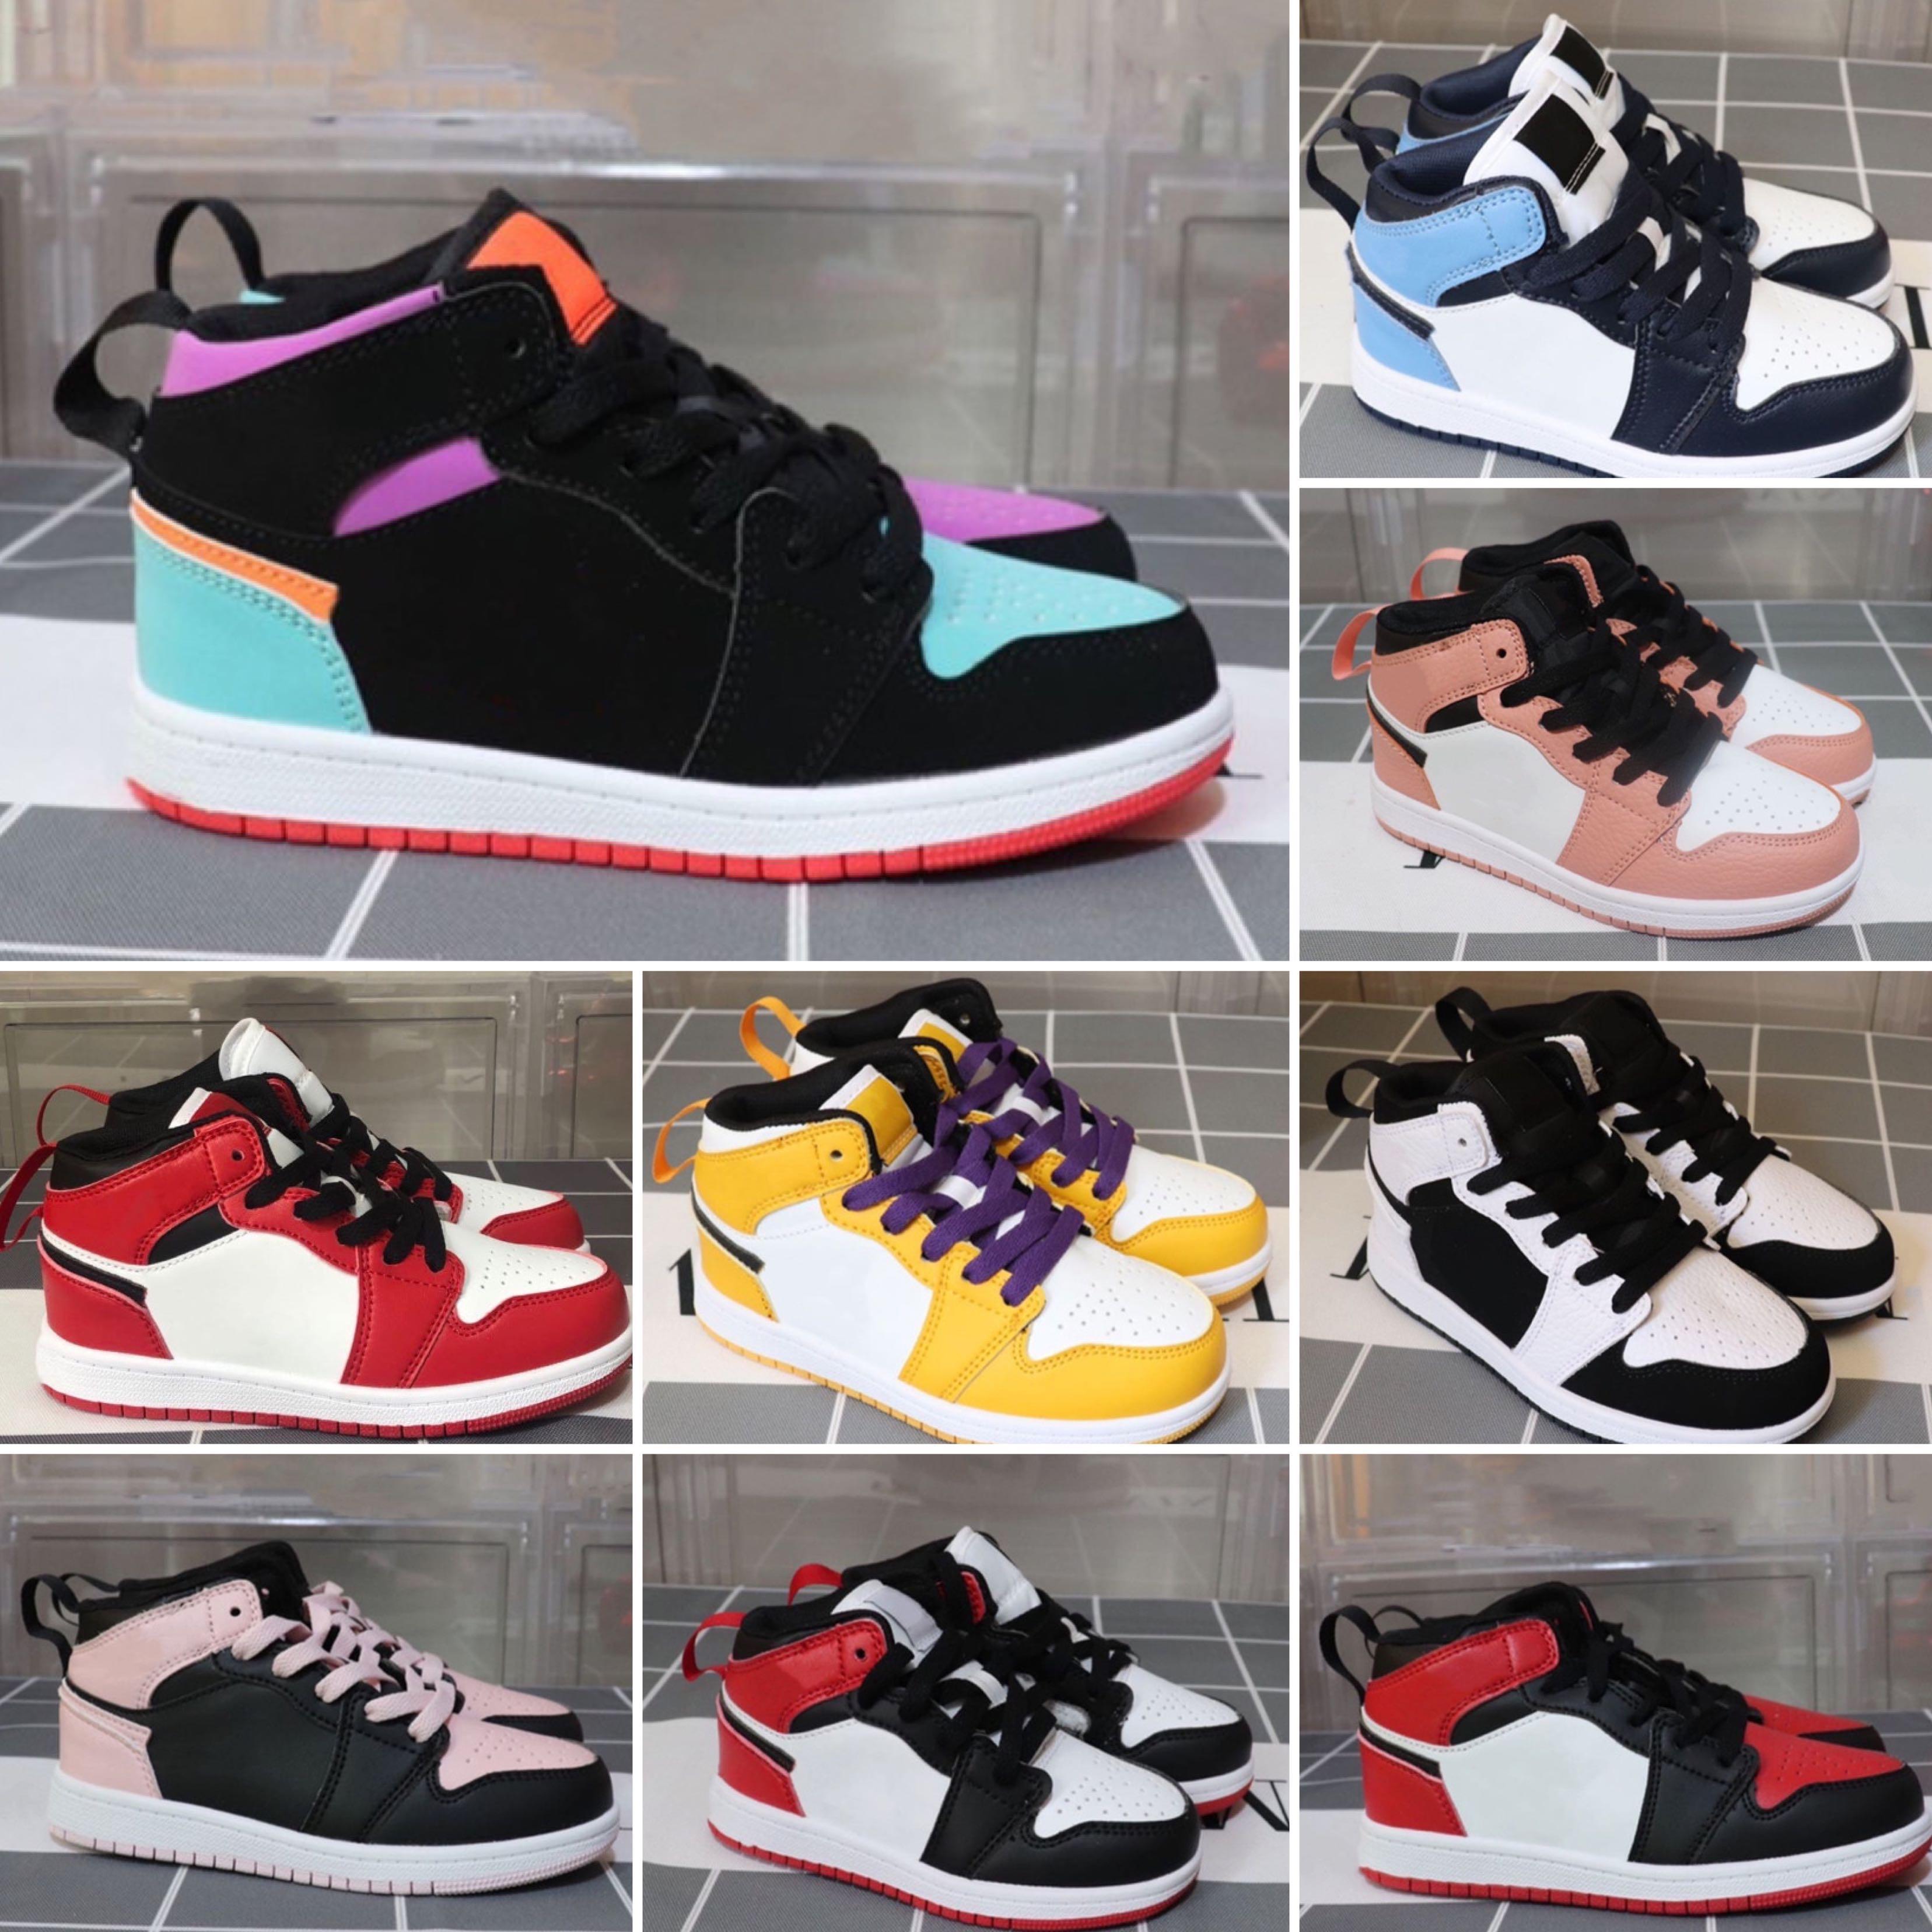 Mädchen Jungen Baby Kleinkind Laufschuhe Luxus Marke Kinder Schuhe 6 Kinder Jungen und Gril Sport Sneaker Leichtathletik Basketball Schuhe